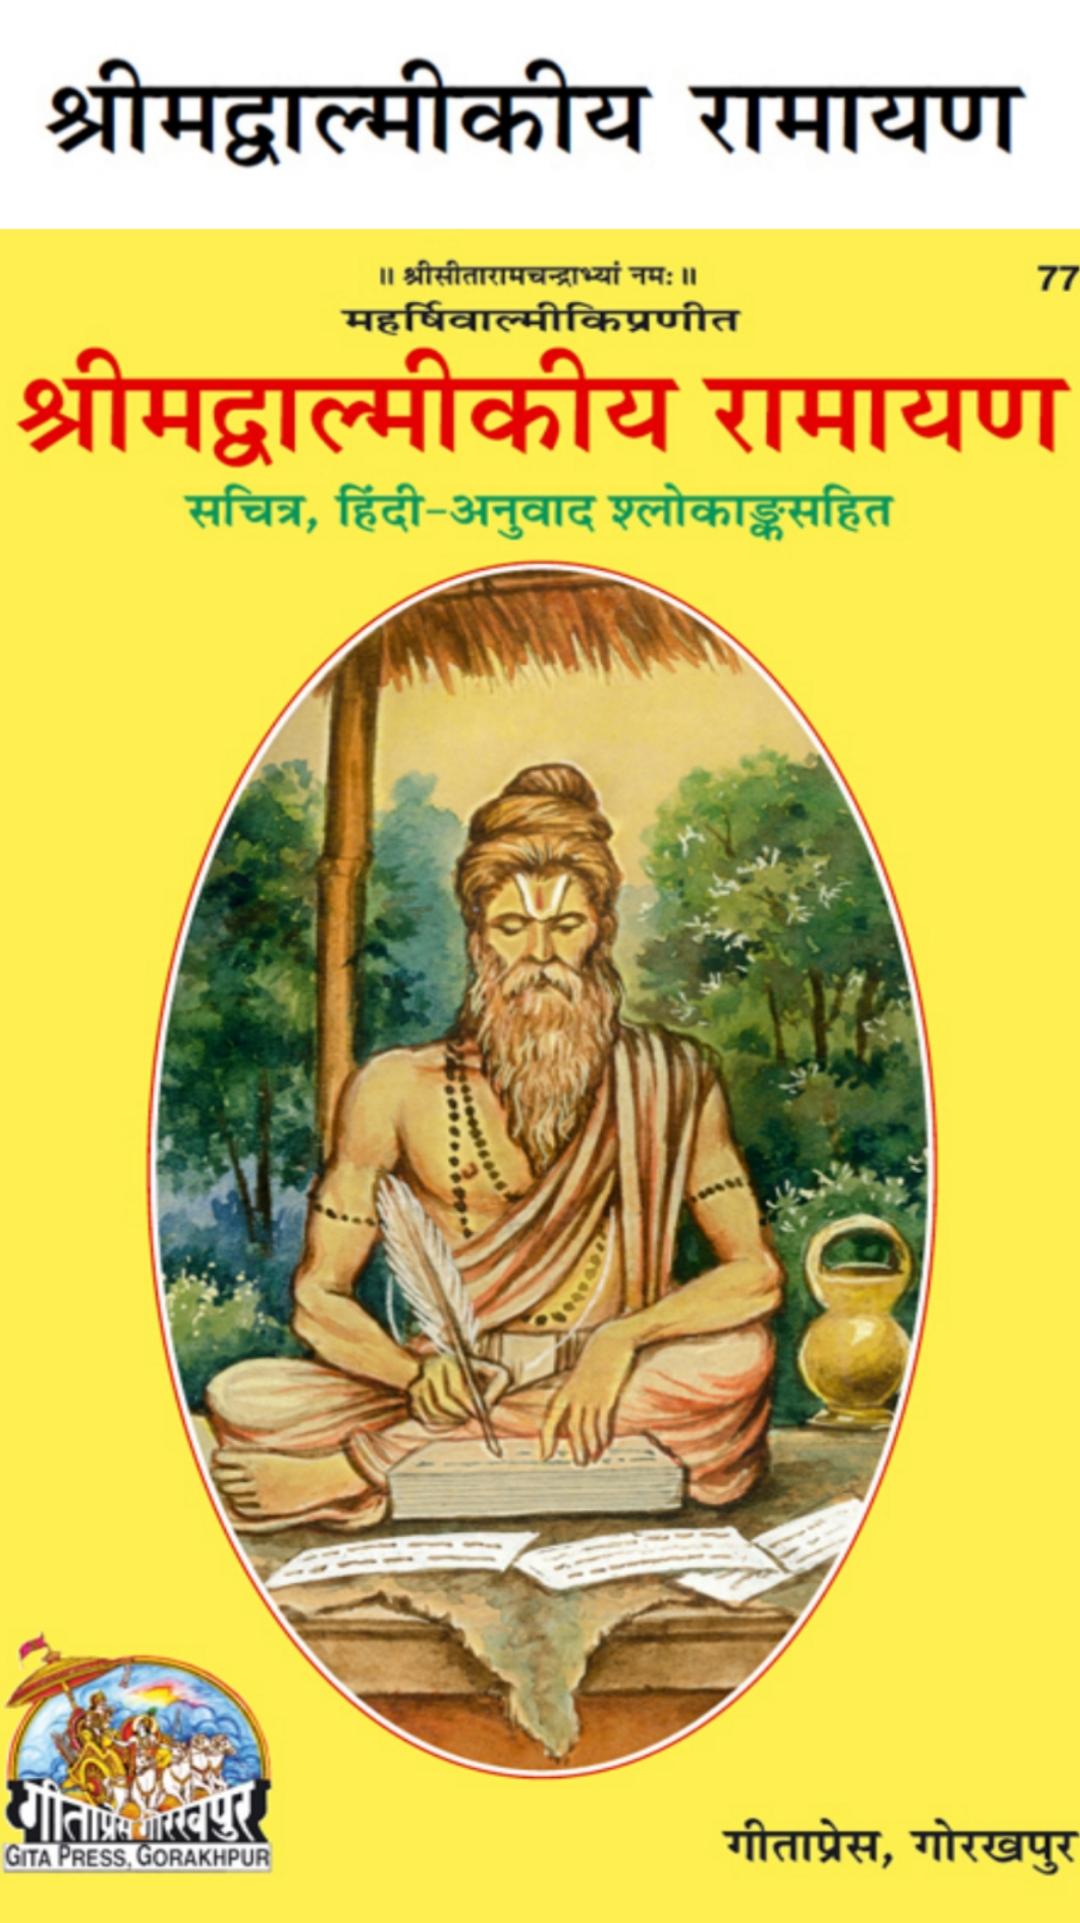 Valmiki ramayana book in hindi